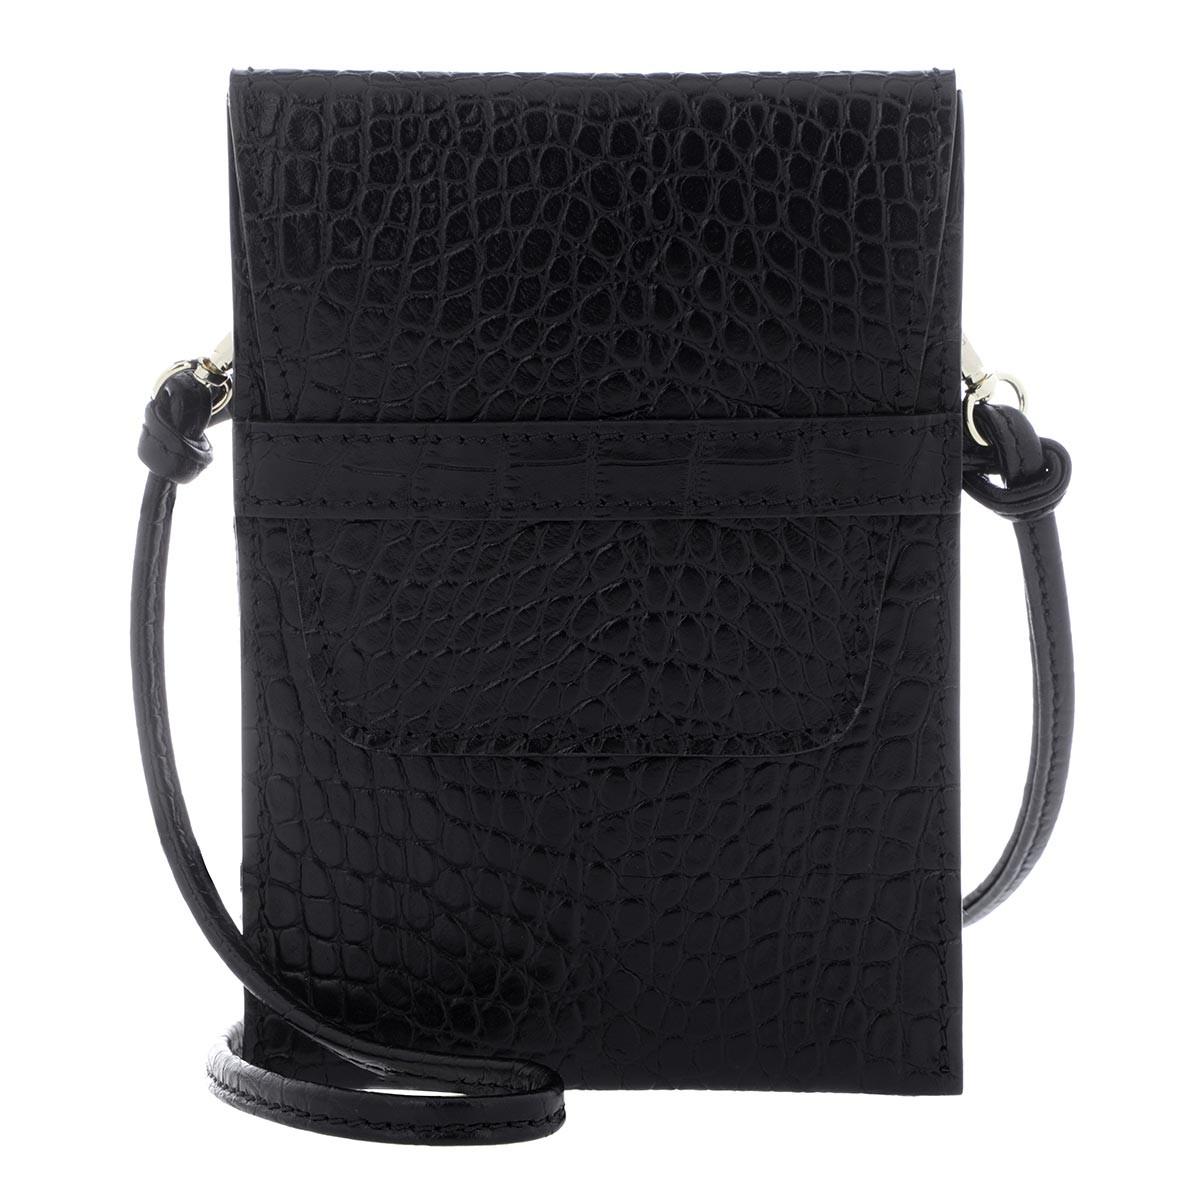 Abro Umhängetasche - Phone Case Camilla Black - in schwarz - für Damen